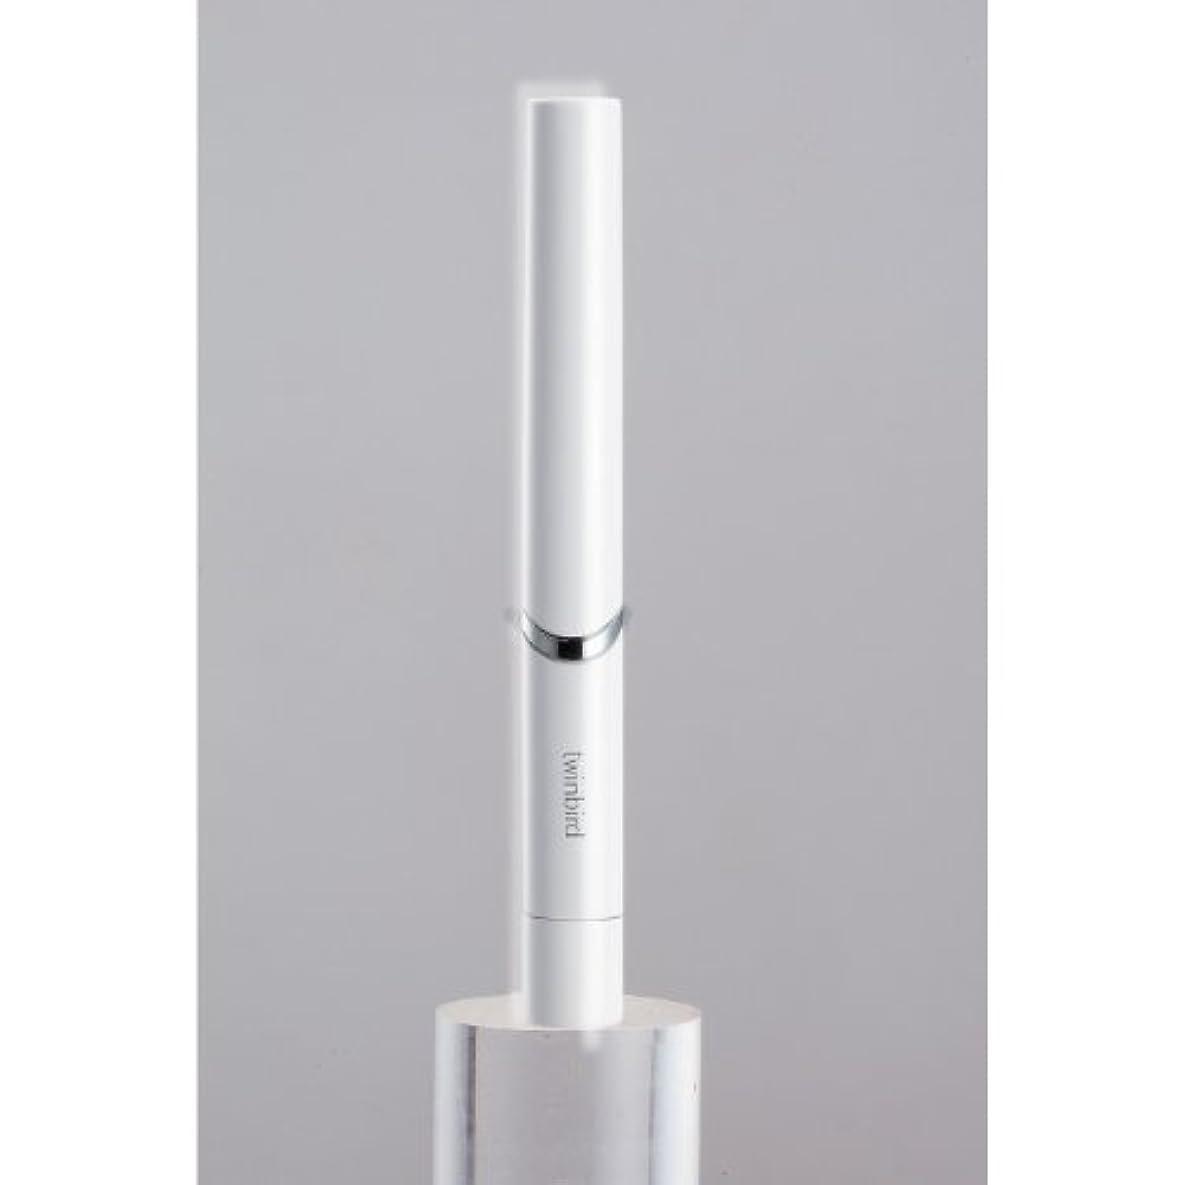 息を切らして乱暴な受粉者ツインバード 音波振動式歯ブラシ BD-2741 ホワイト?BD-2741W